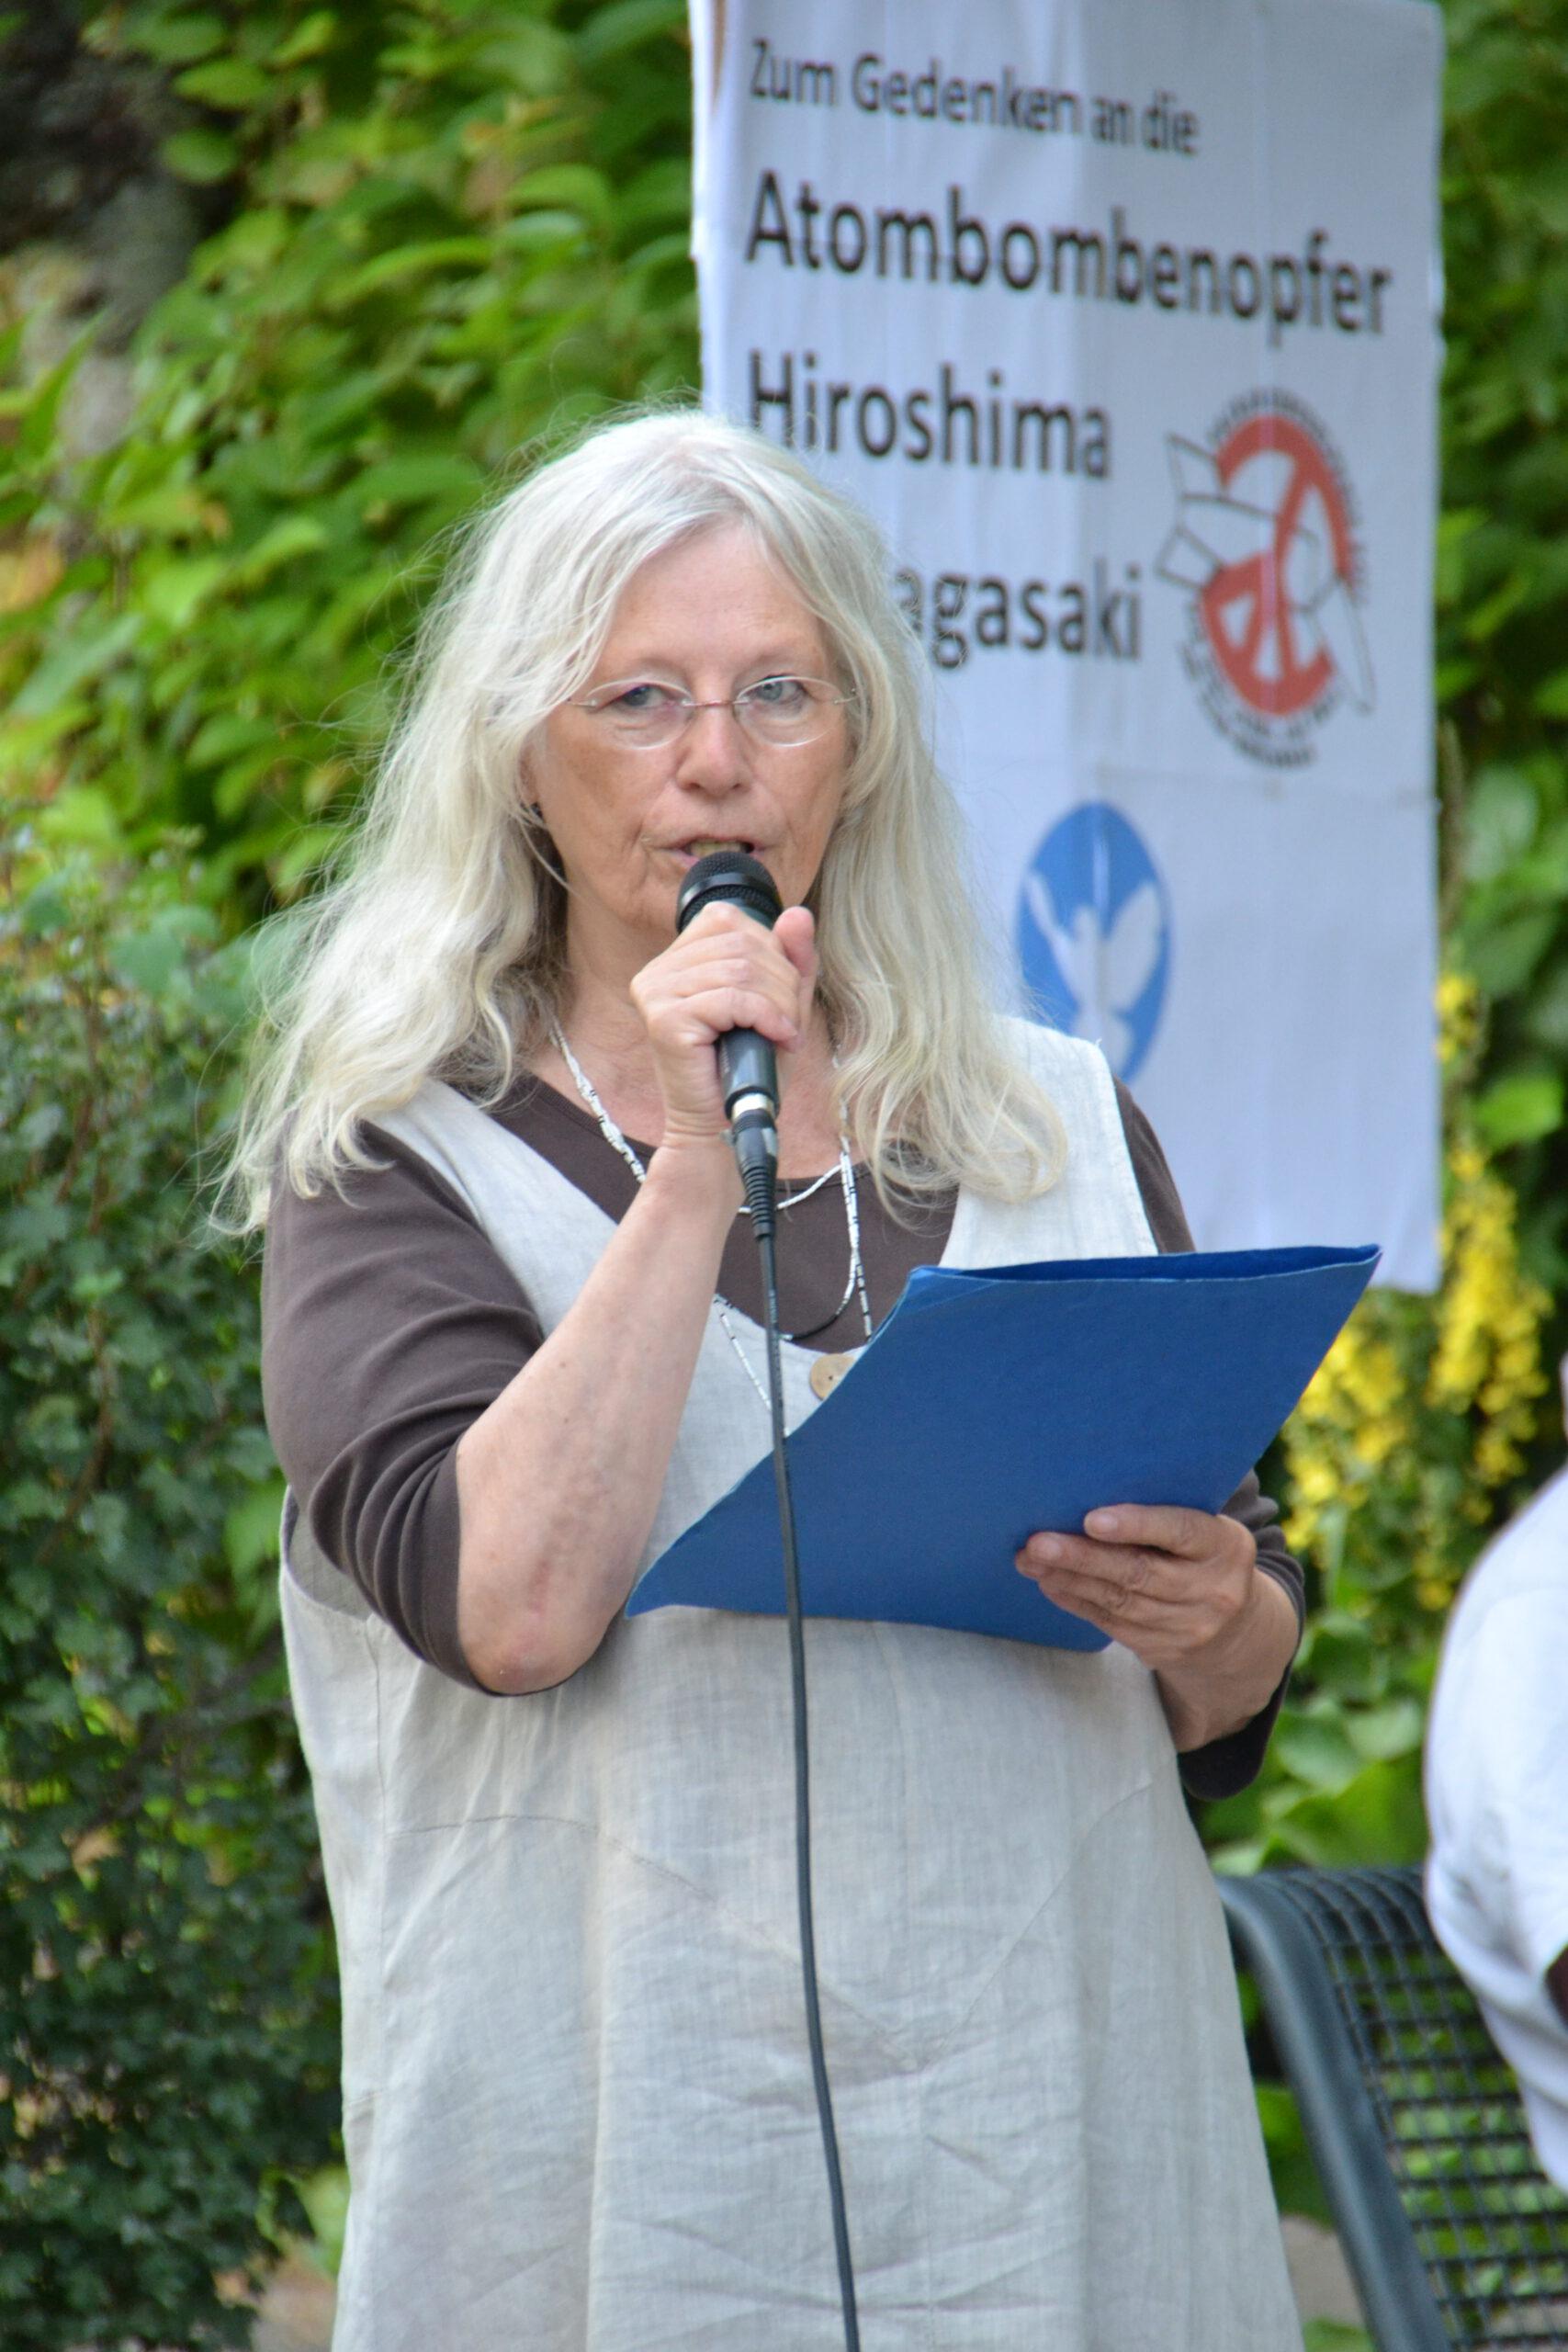 """Eine freundliche ältere Dame mit langen weich gewellten weißen Haaren und leinenfarbenem Sommerkleid spricht in ein Mikro. Im Hintergrund sind eine Friedenstaube, das ICAN-Symbol und """"Hiroshima"""" und """"Nagasaki"""" auf einem Transparent zu erkennen."""